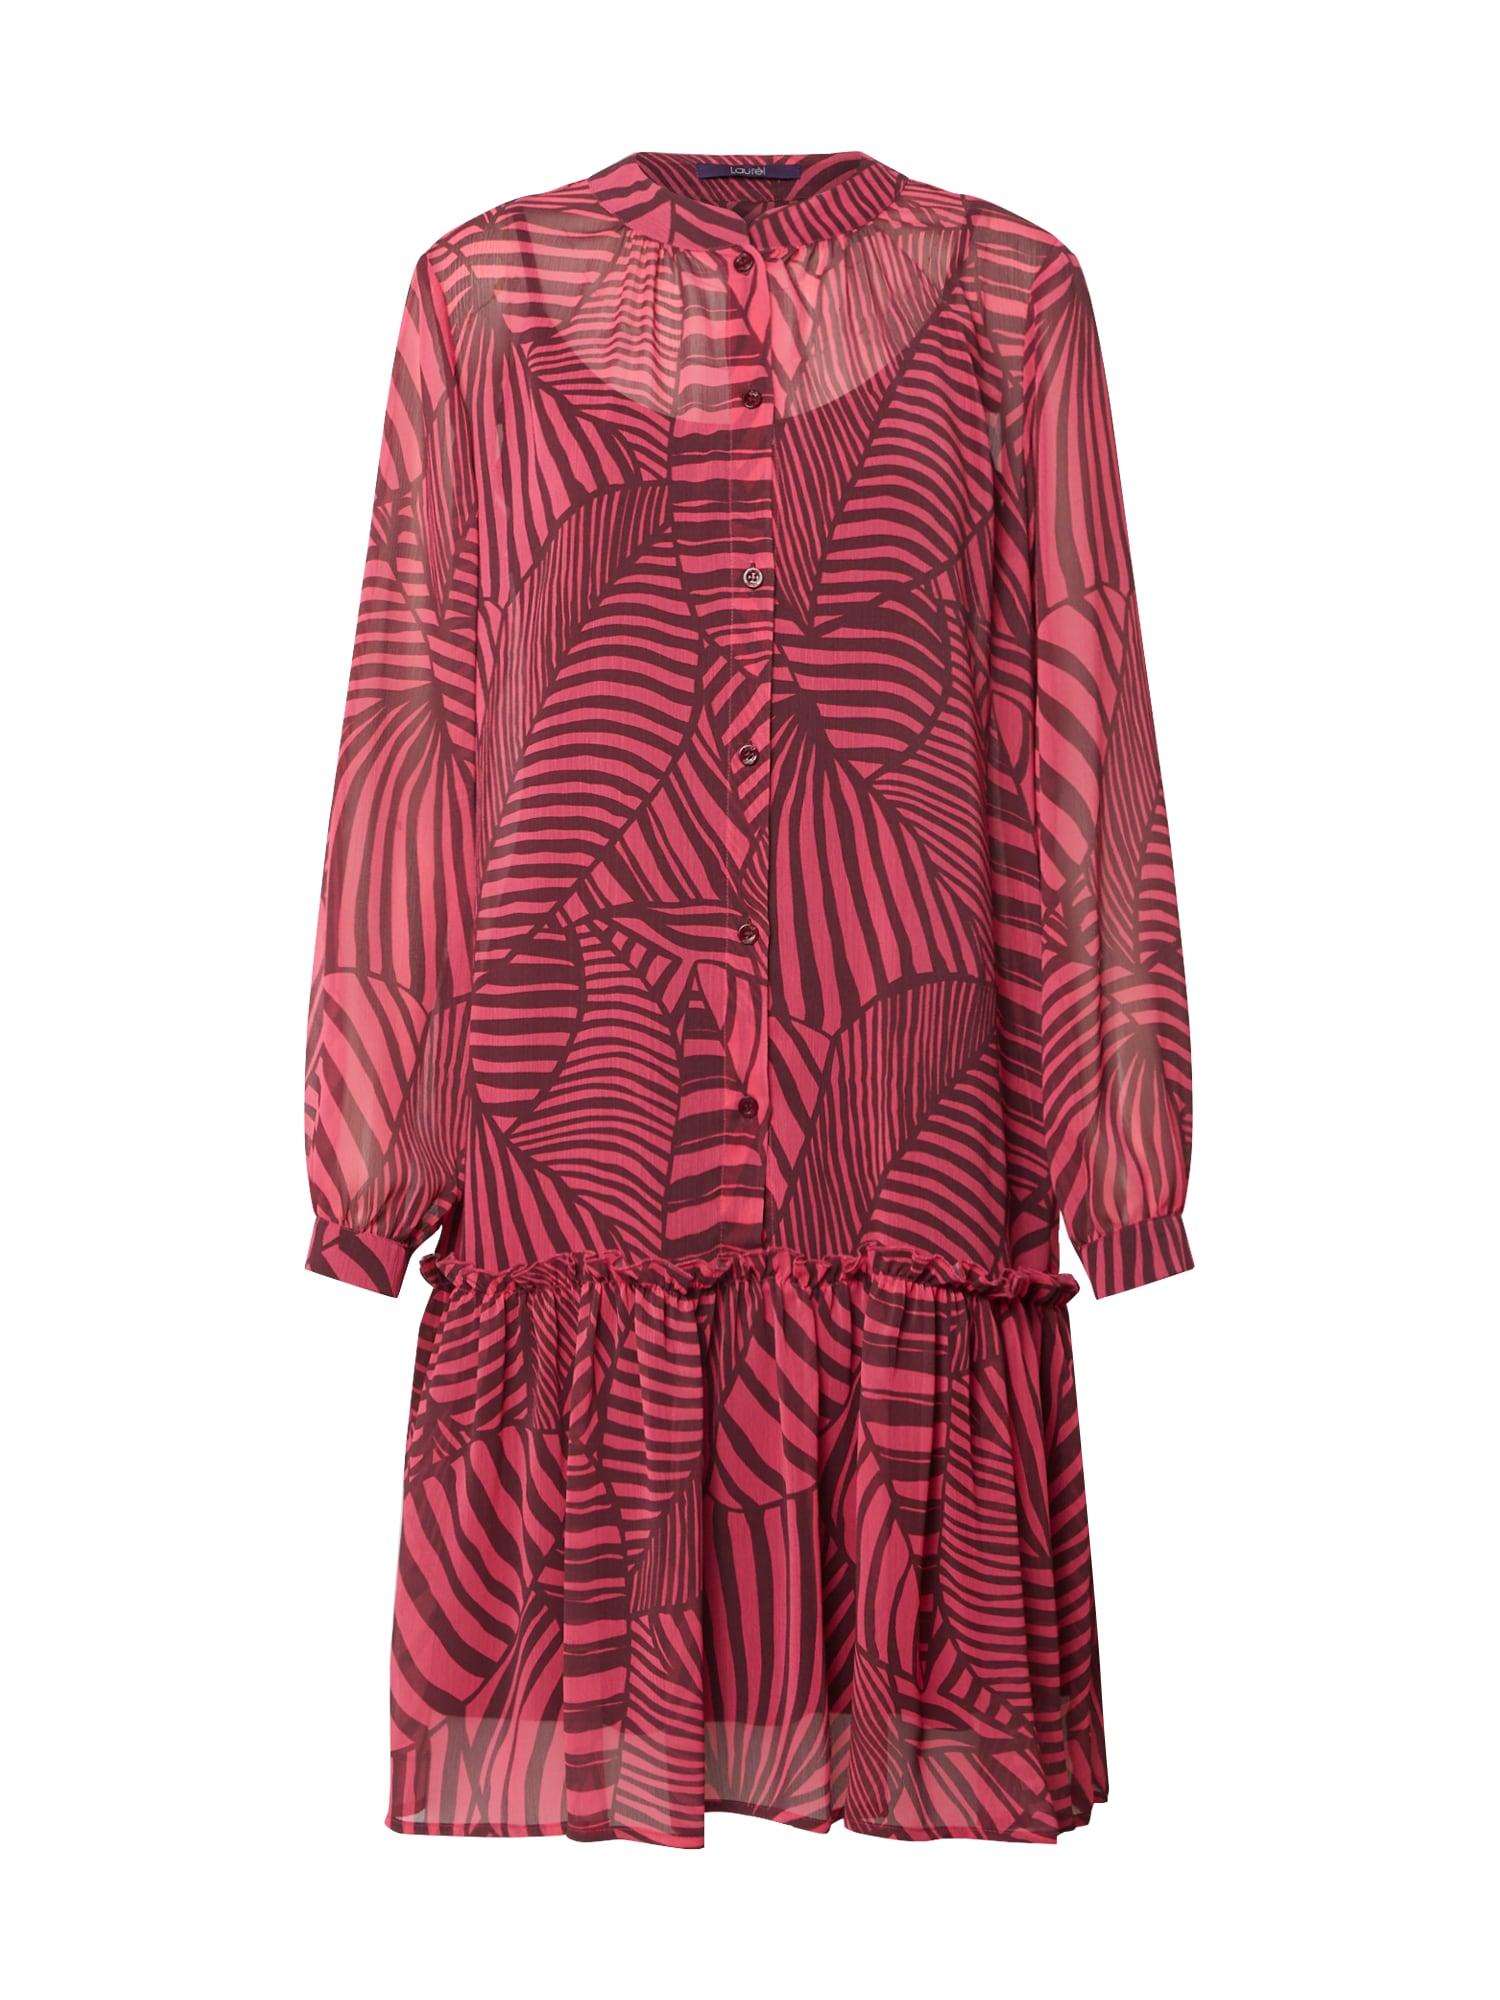 LAUREL Palaidinės tipo suknelė mišrios spalvos